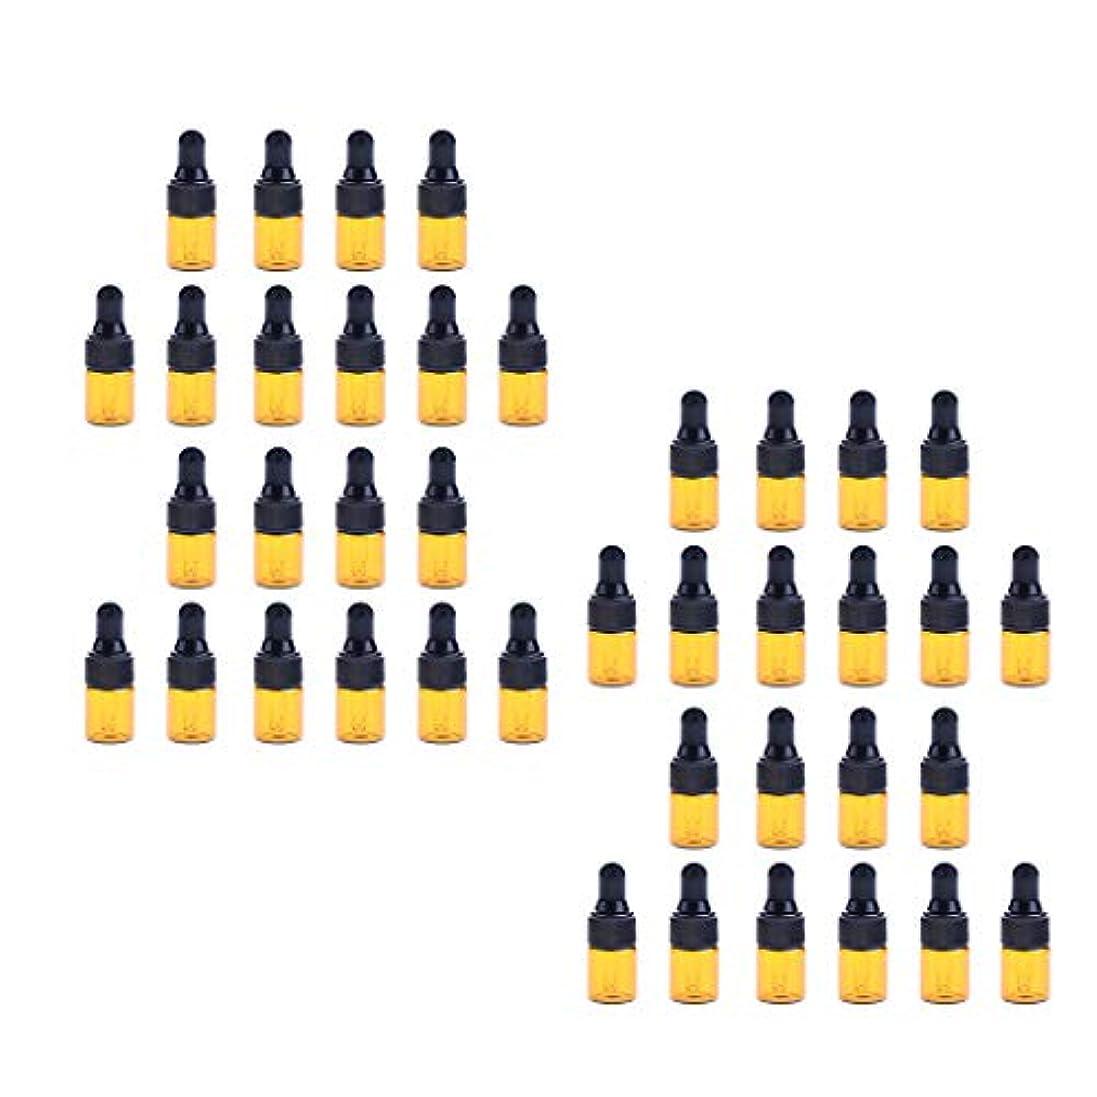 それによって拷問シーフード40個入 ドロッパーボトル ガラス瓶 エッセンシャルオイル 精油 保存容器 詰め替え 小型 1ml /2ml